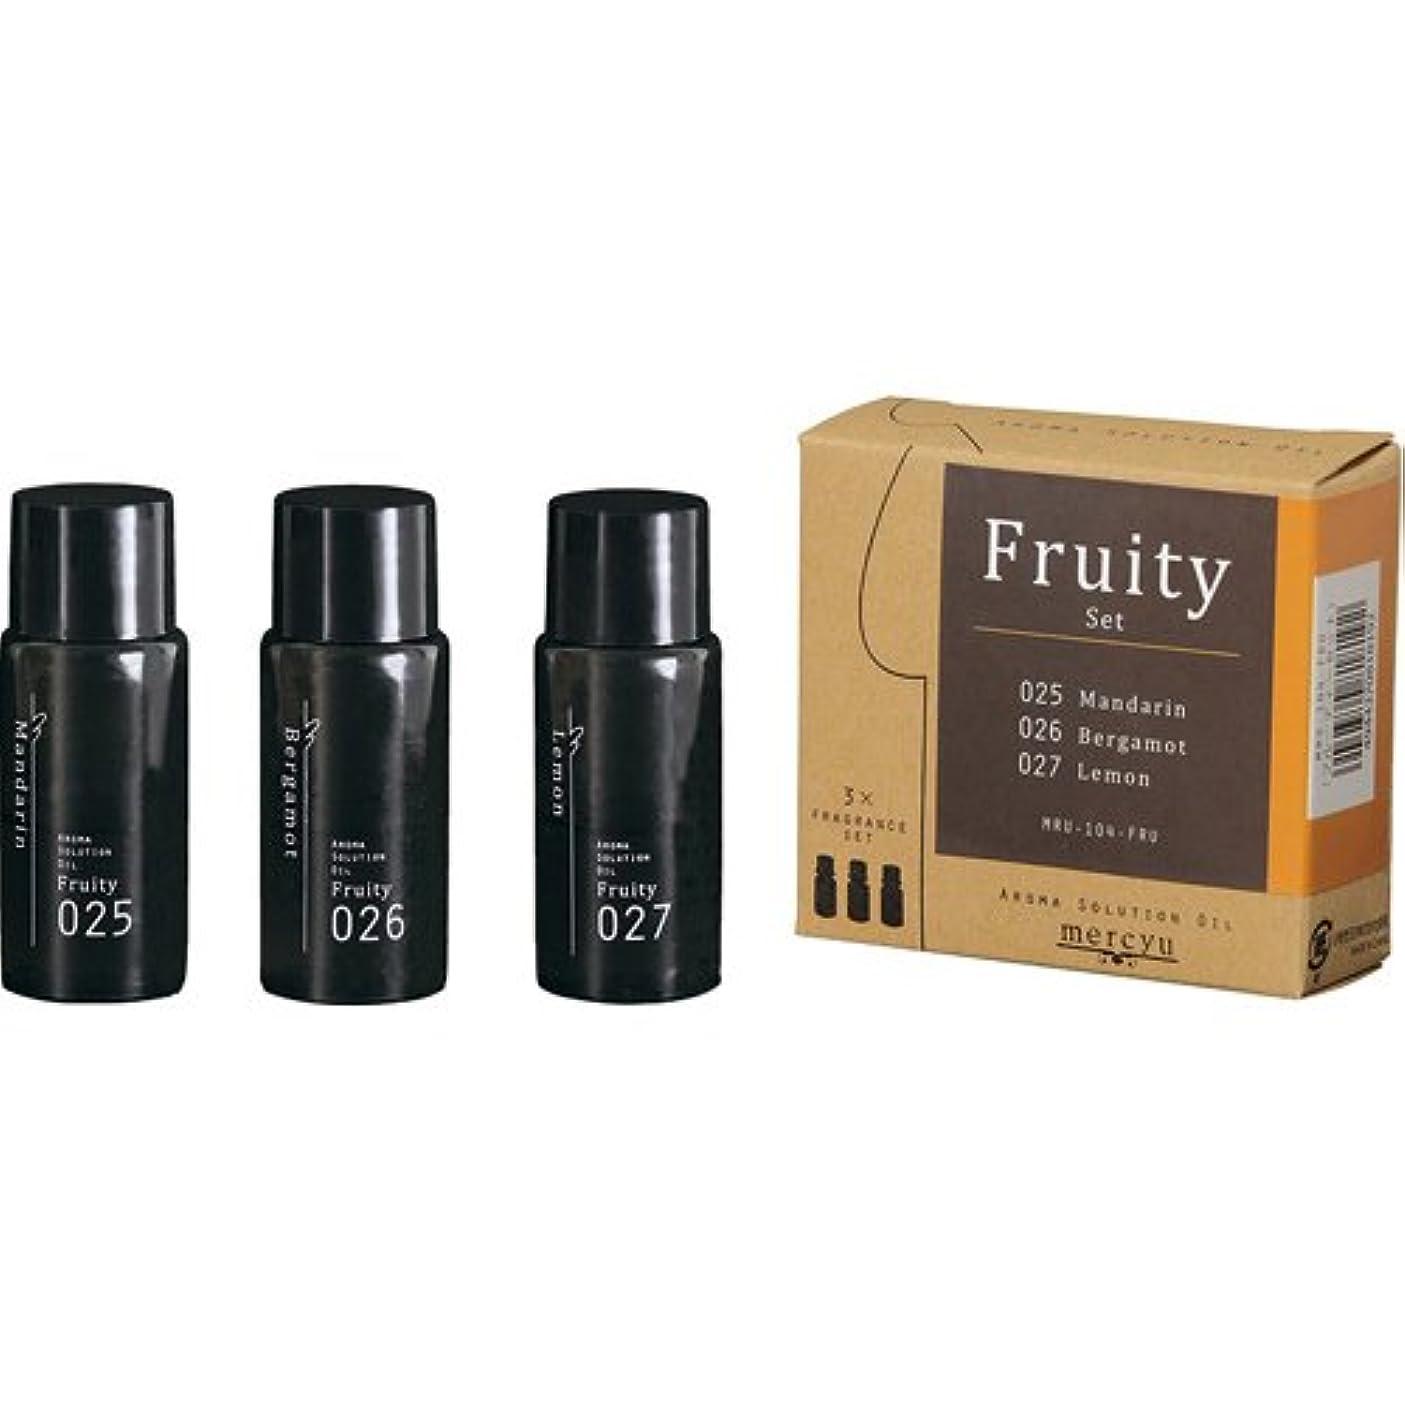 劇的あらゆる種類の誓うアロマ ソリューション オイル Fruity (025ベルガモット/026レモン/027マンダリン) MRU-104-FRU